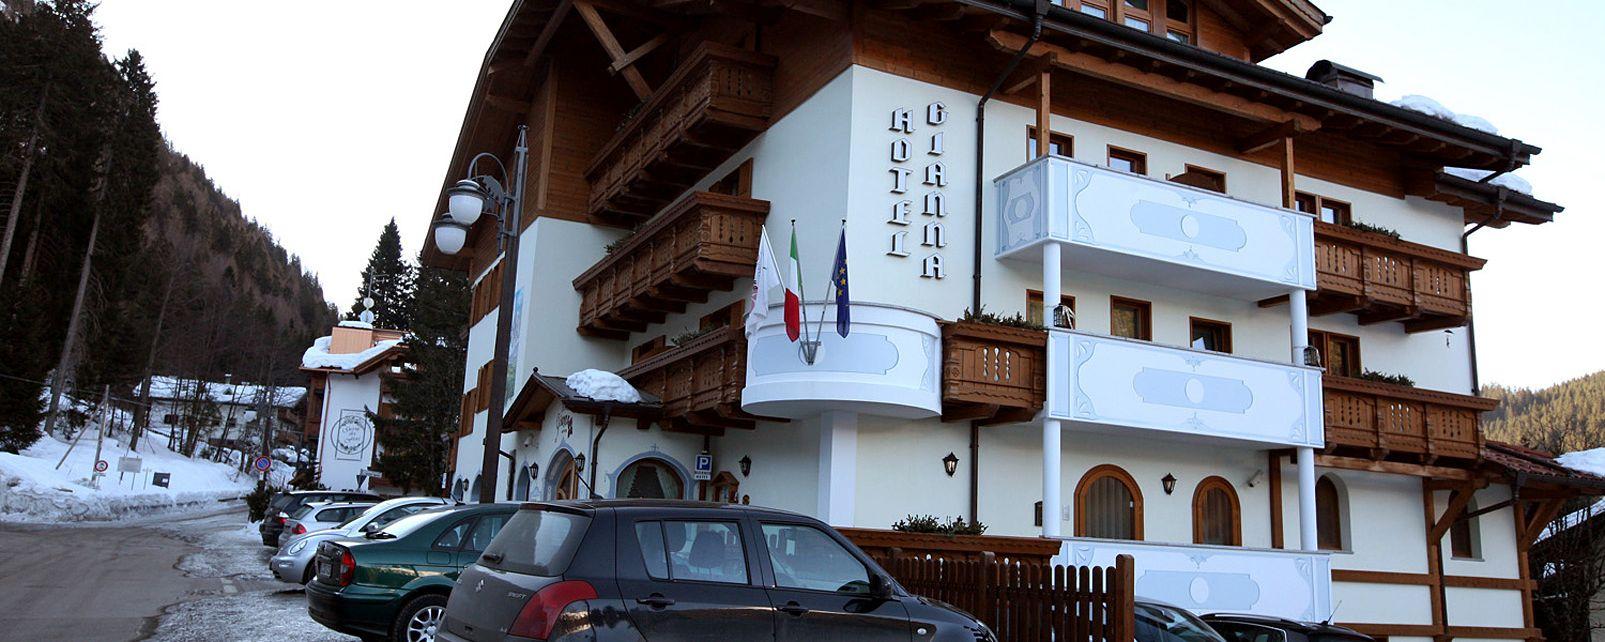 Hôtel Gianna